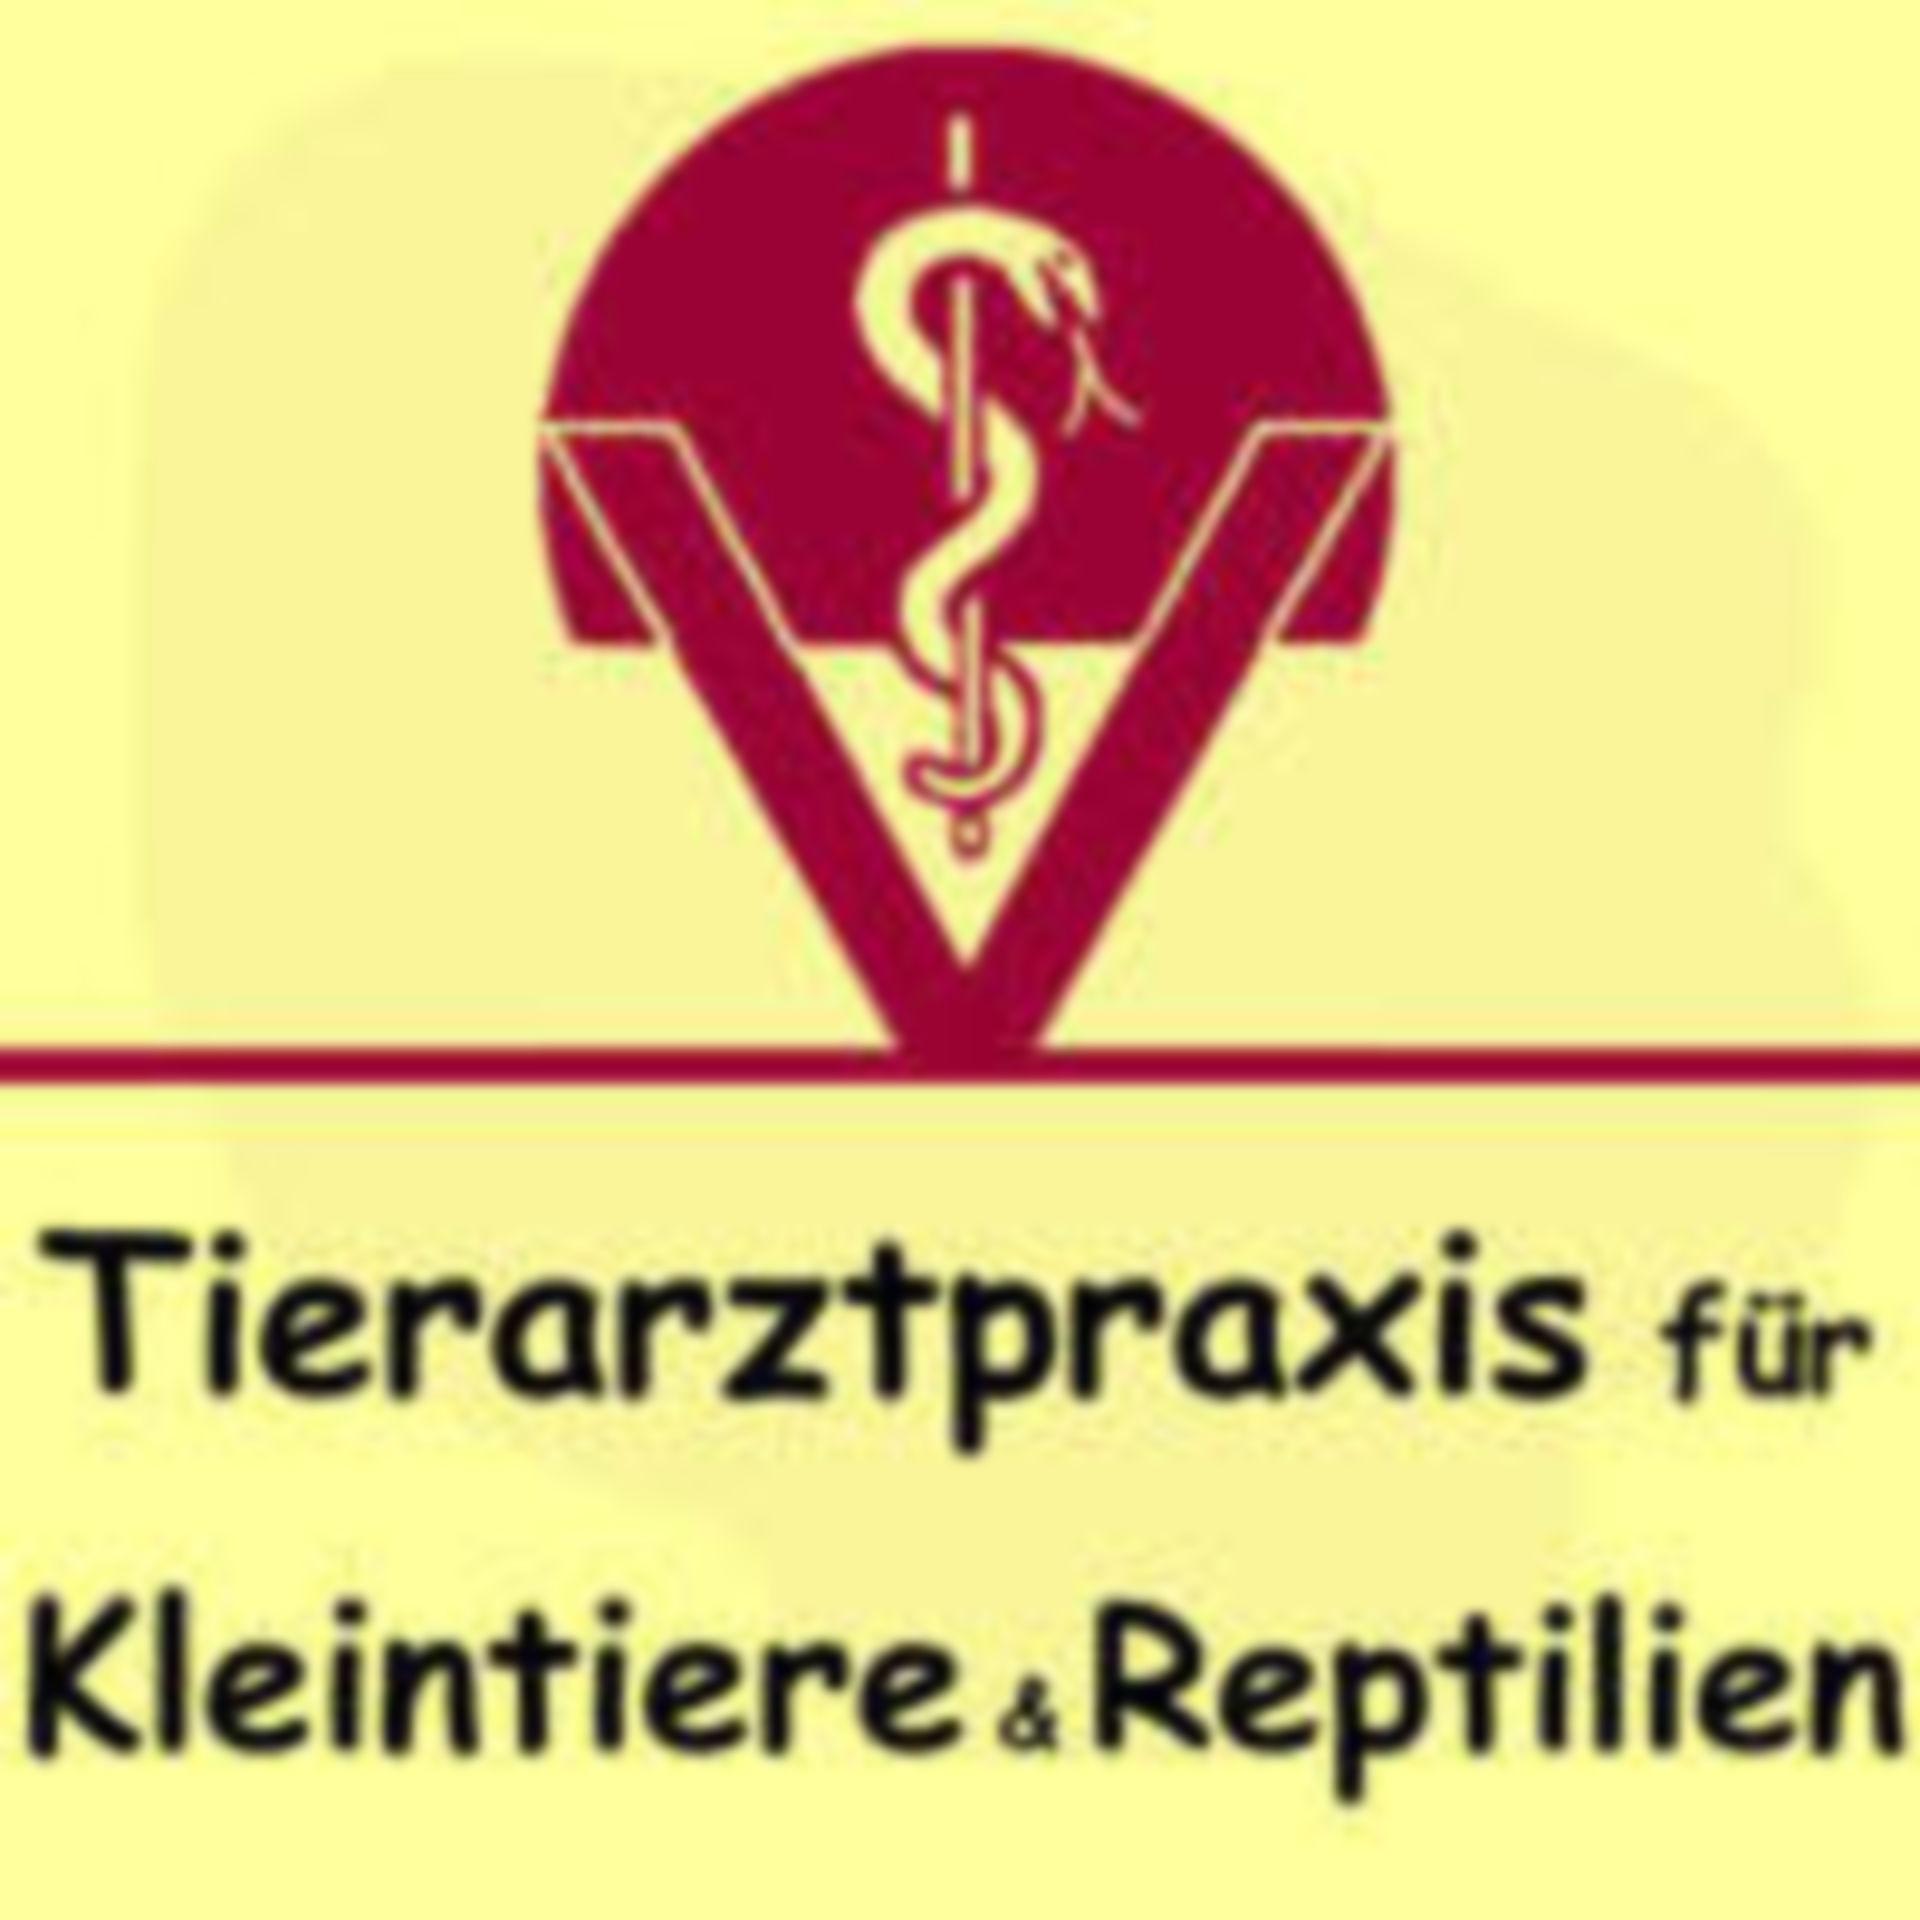 Veterinary practice